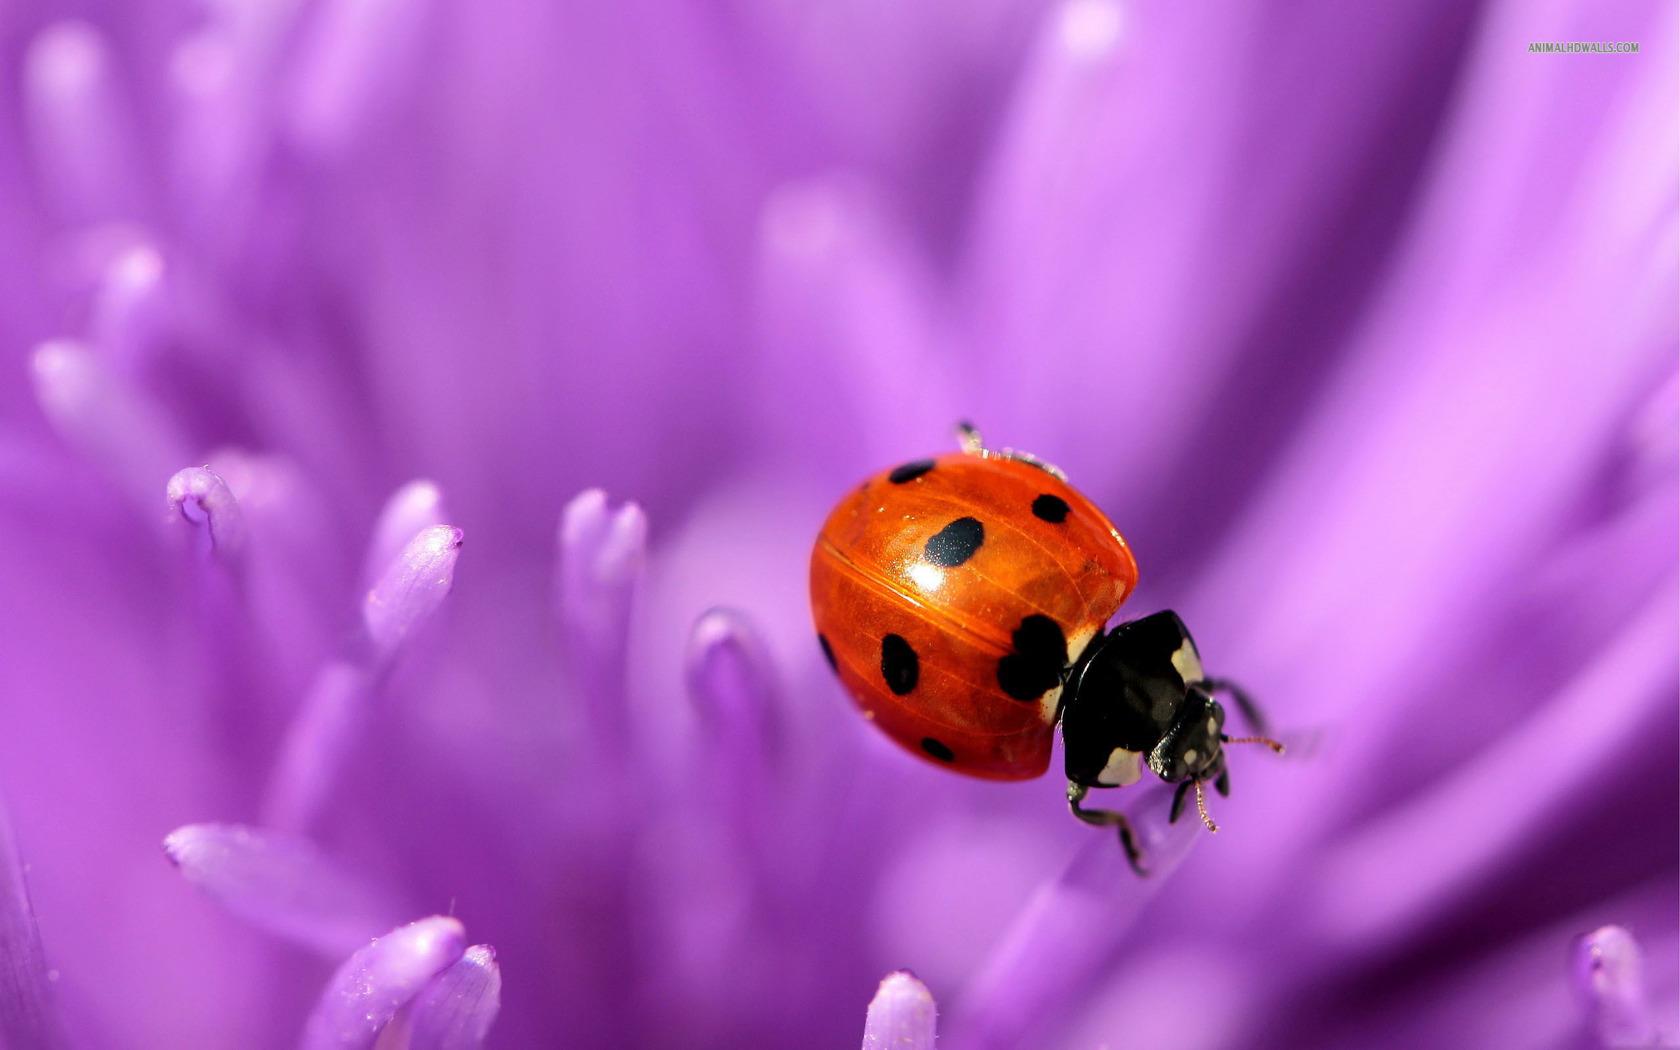 ladybugs images